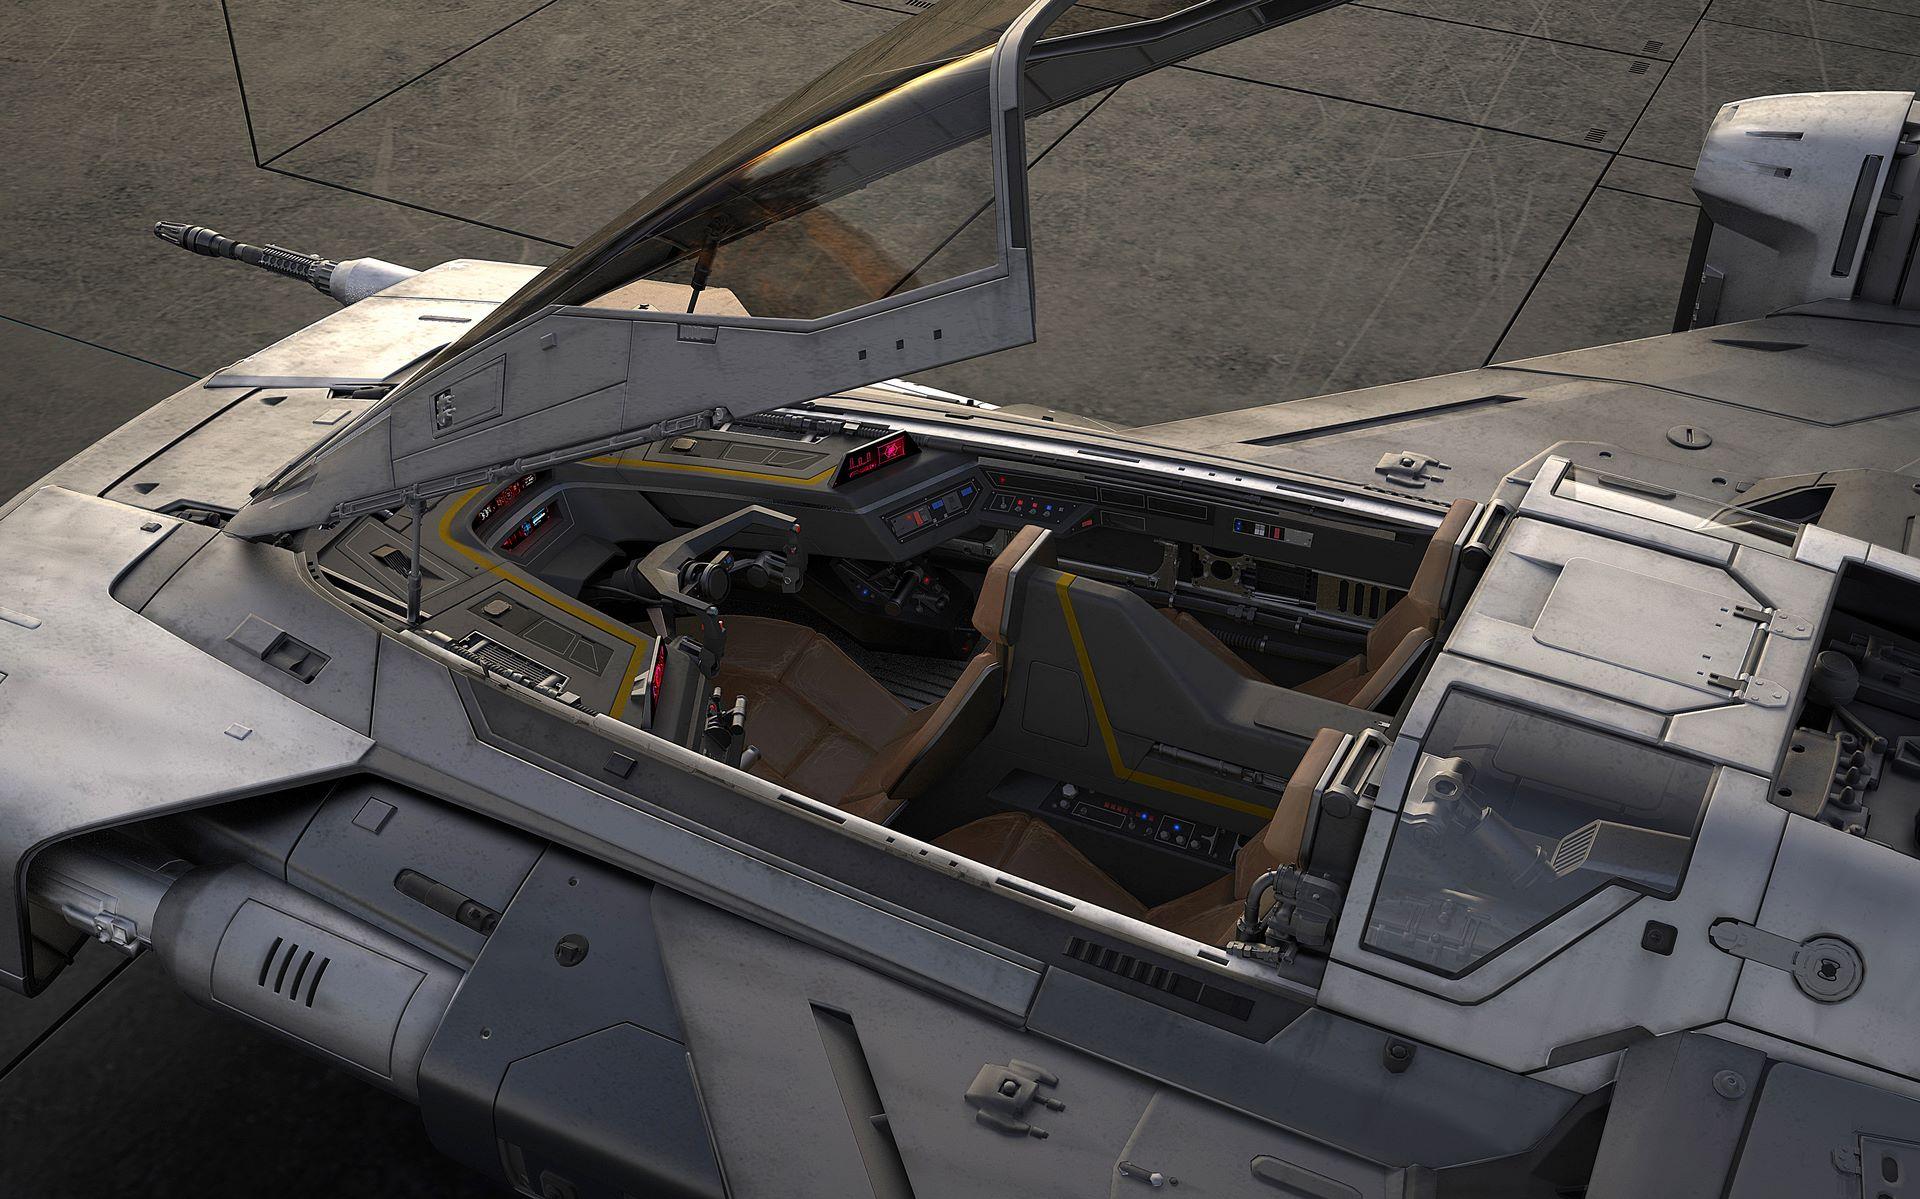 Porsche-Star-Wars-starfighter-space-ship-6